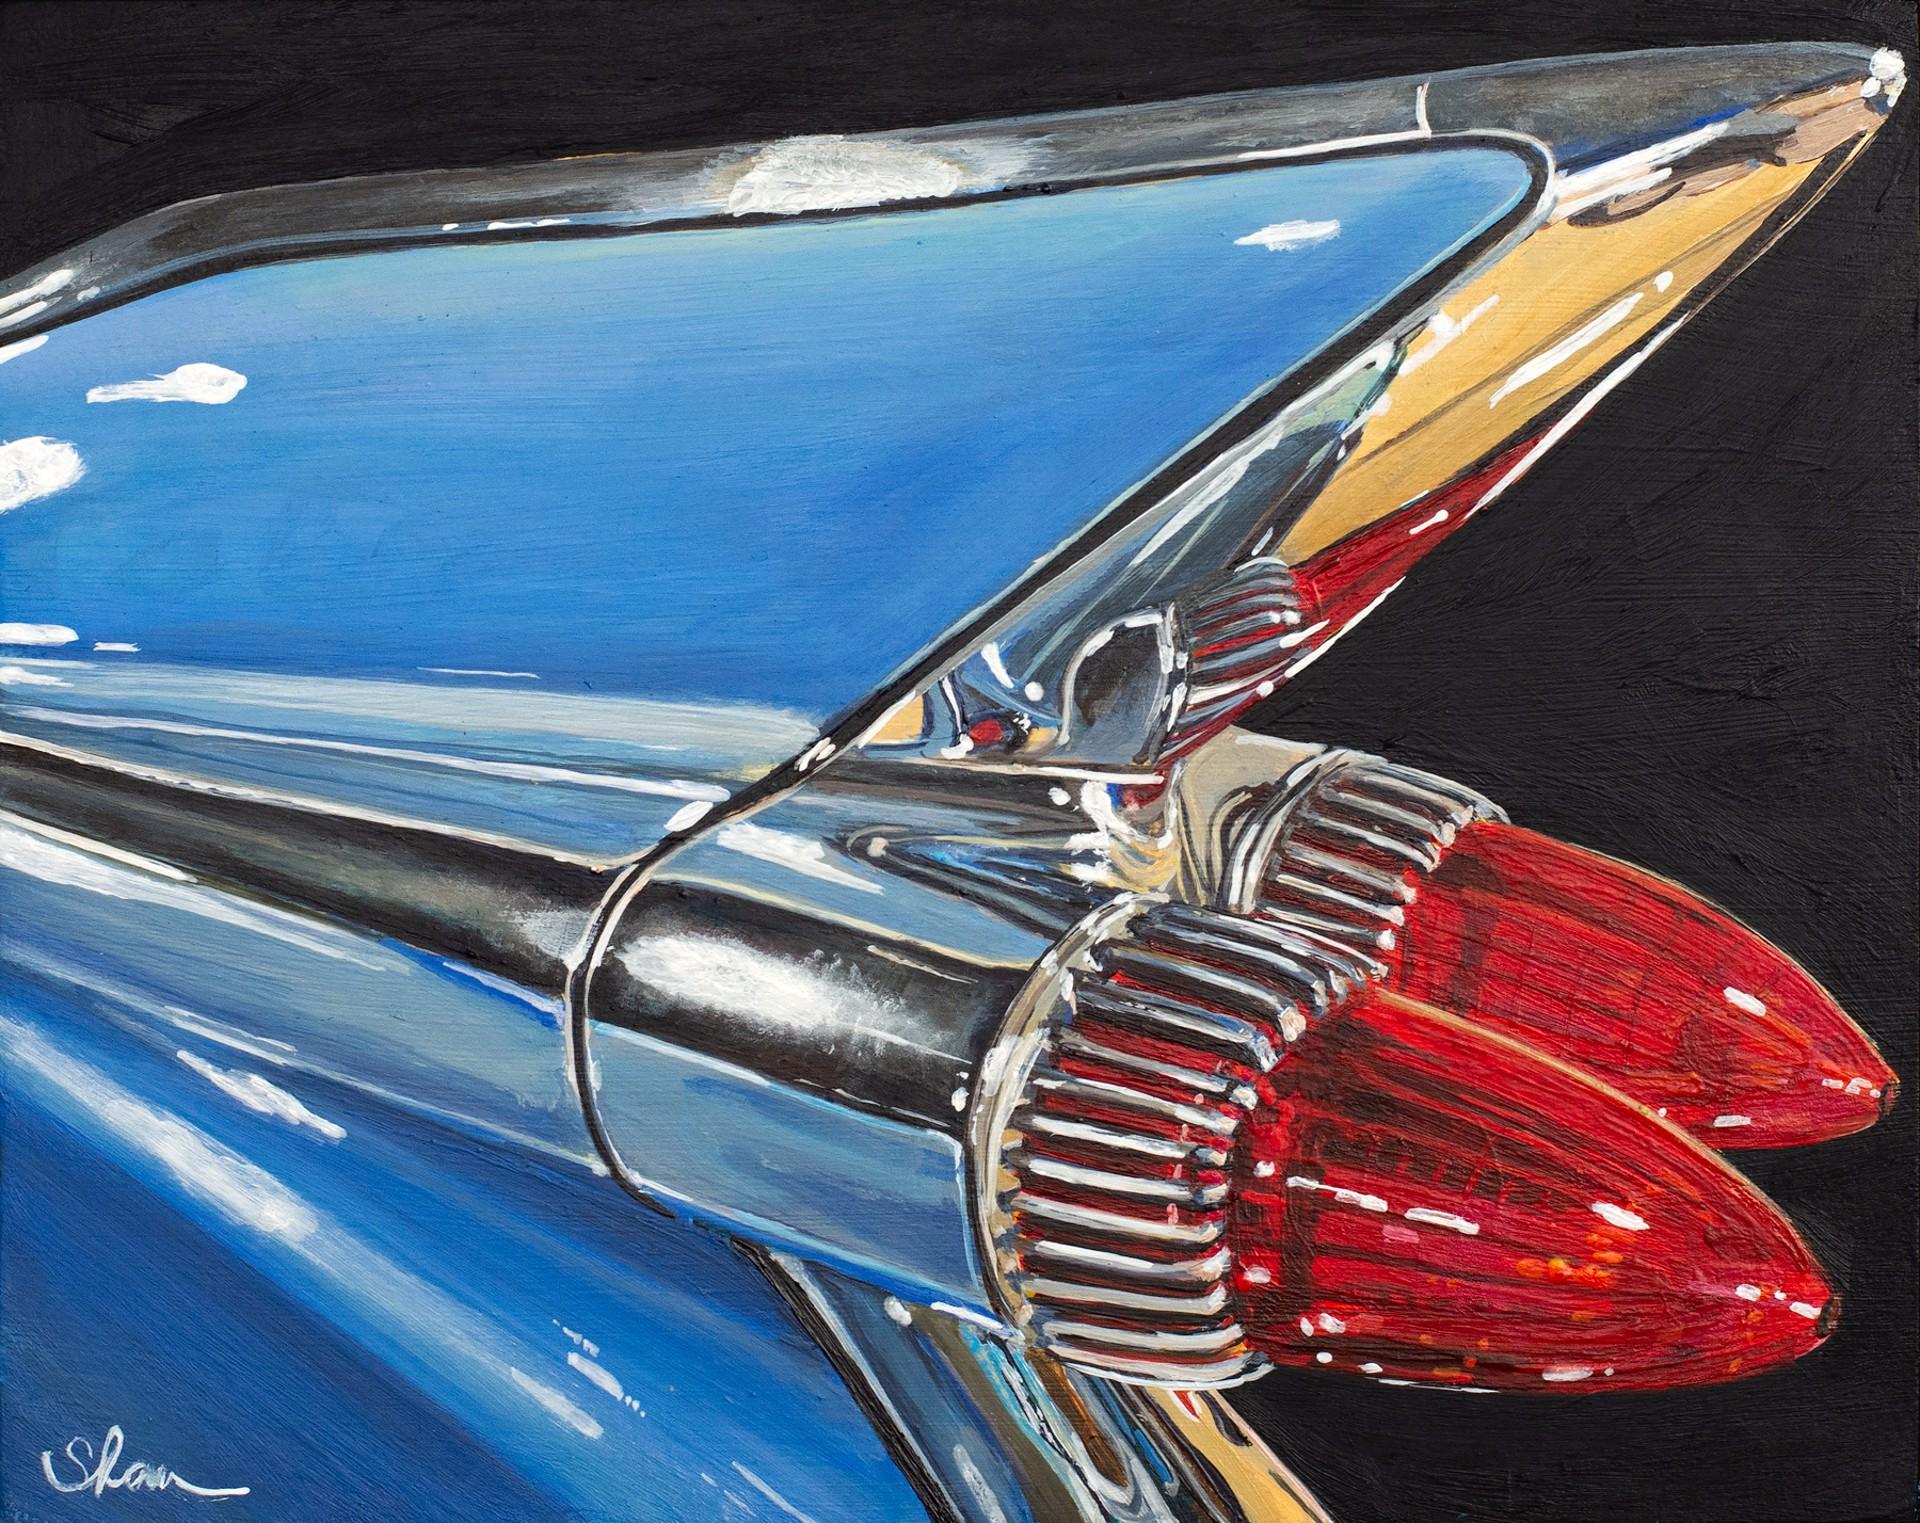 1959 Cadillac Eldorado by Shan Fannin